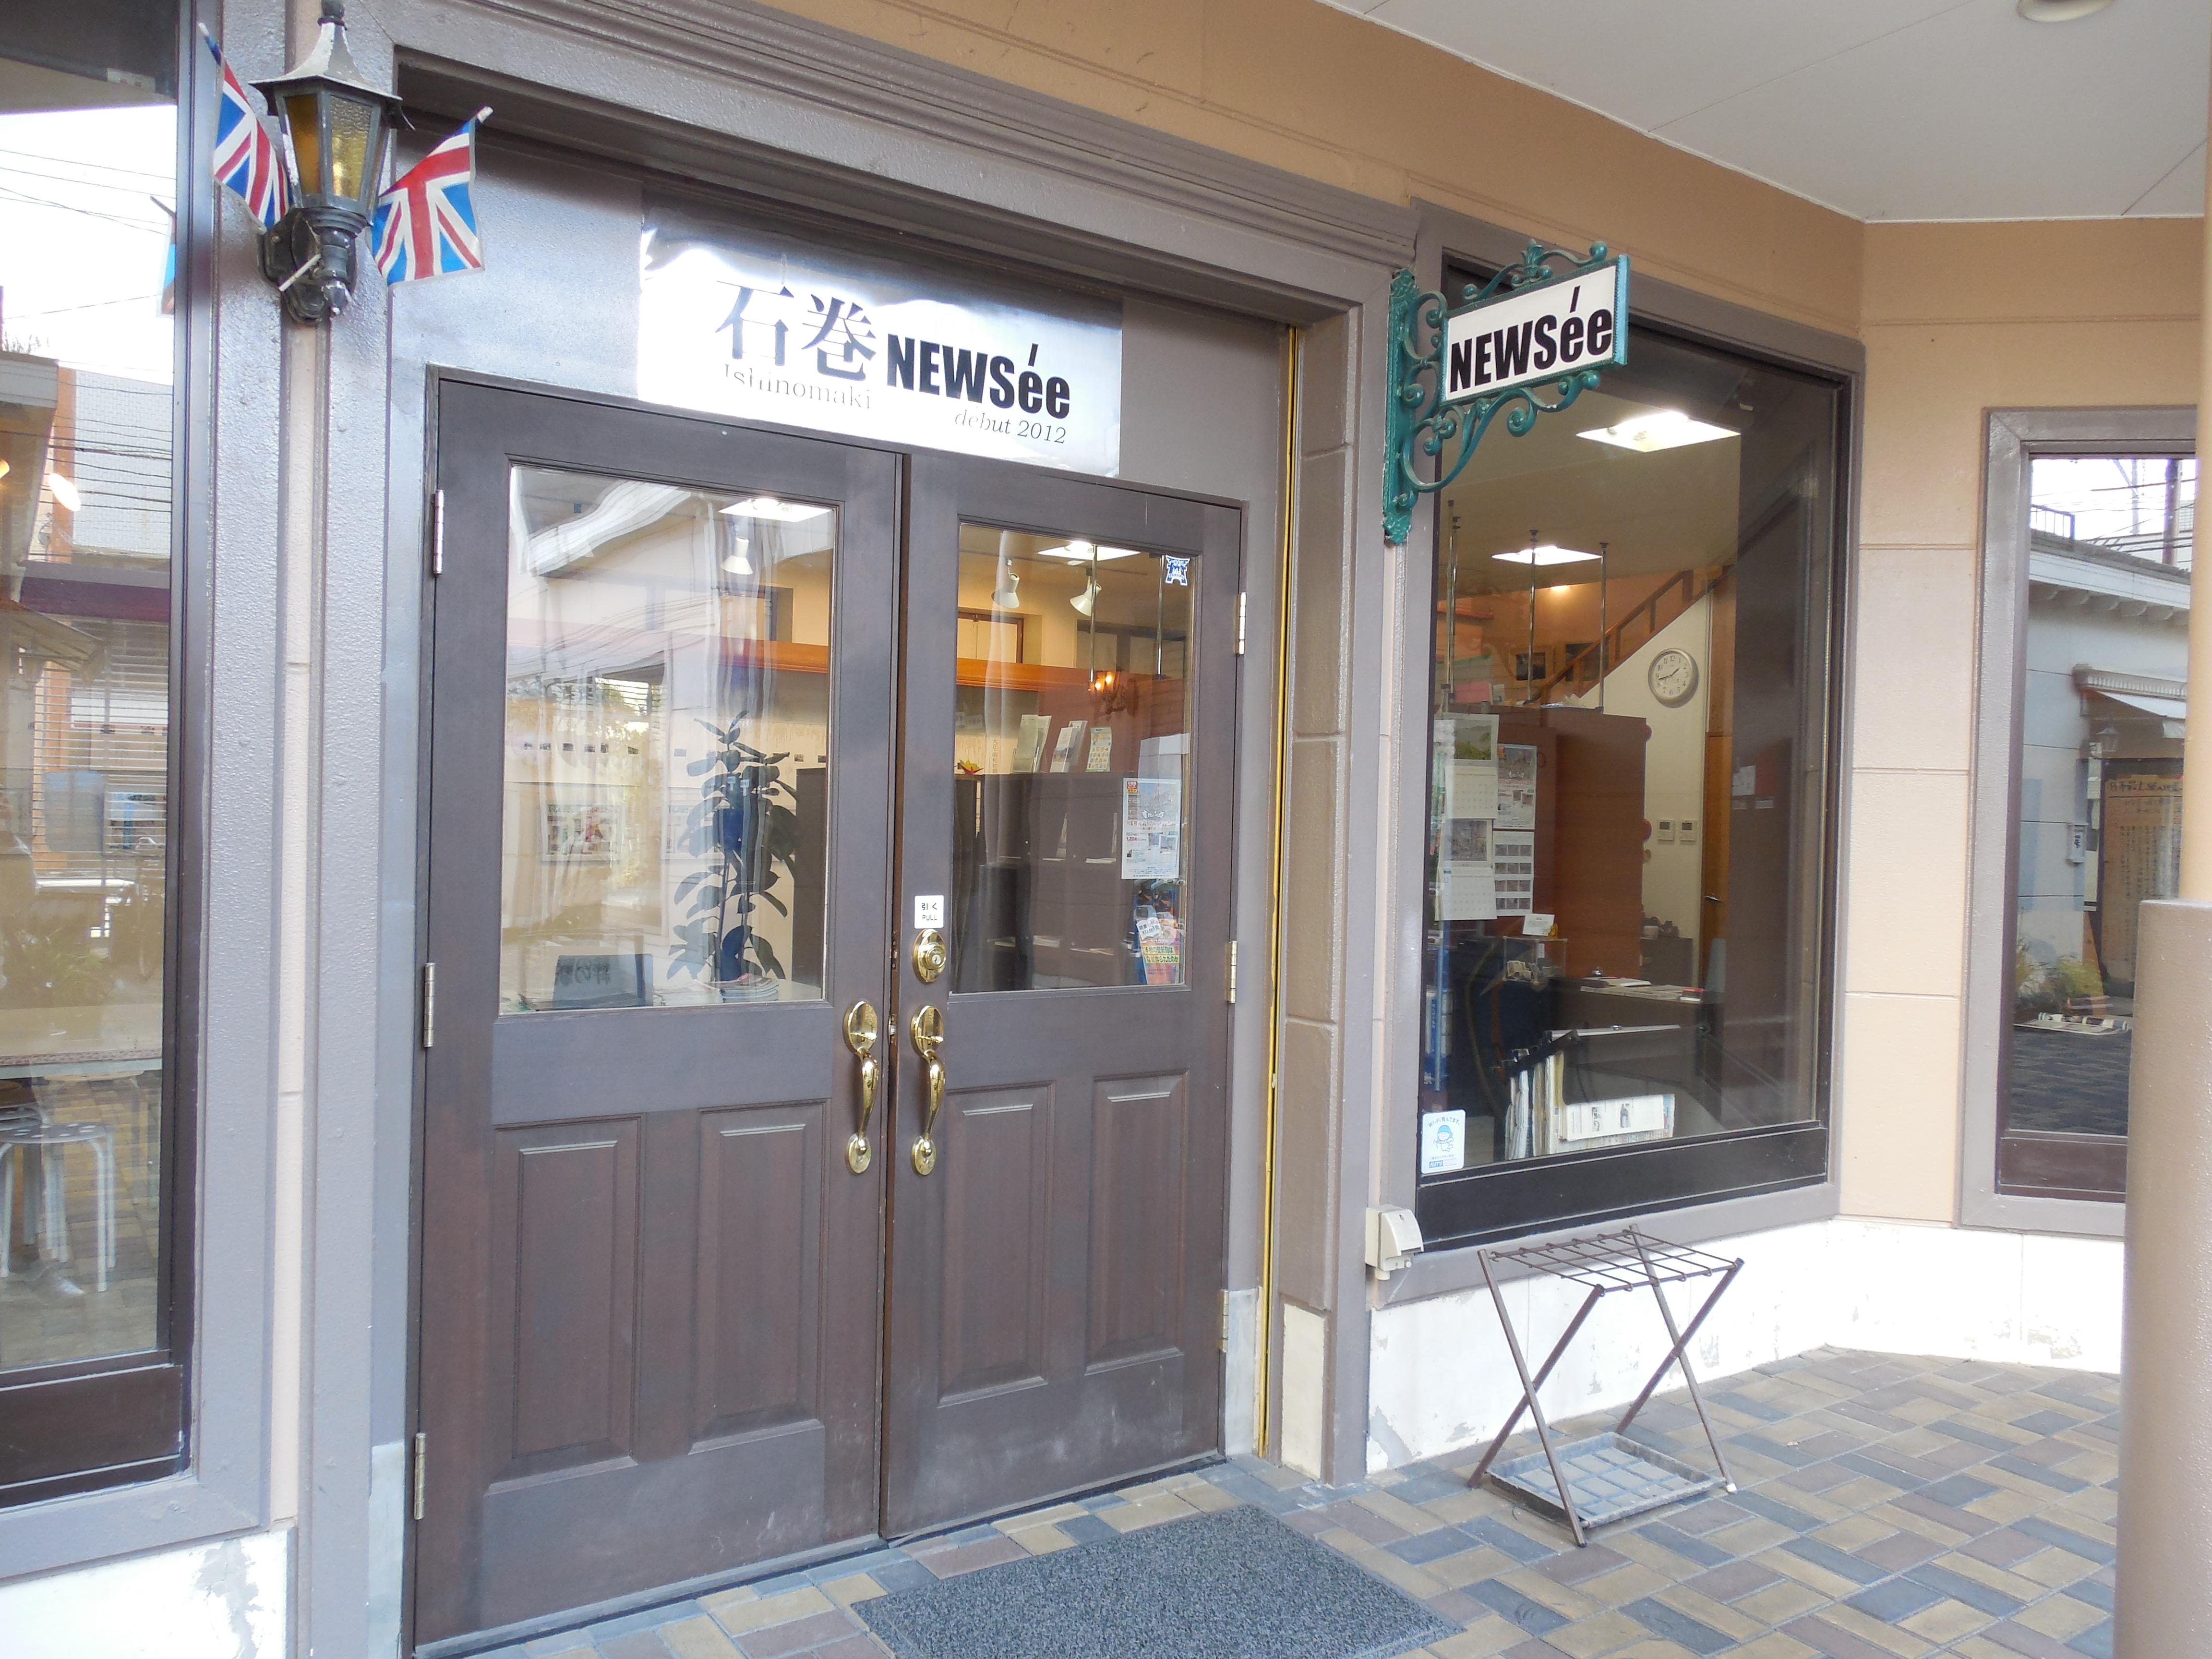 絆の駅 石巻NEWSee